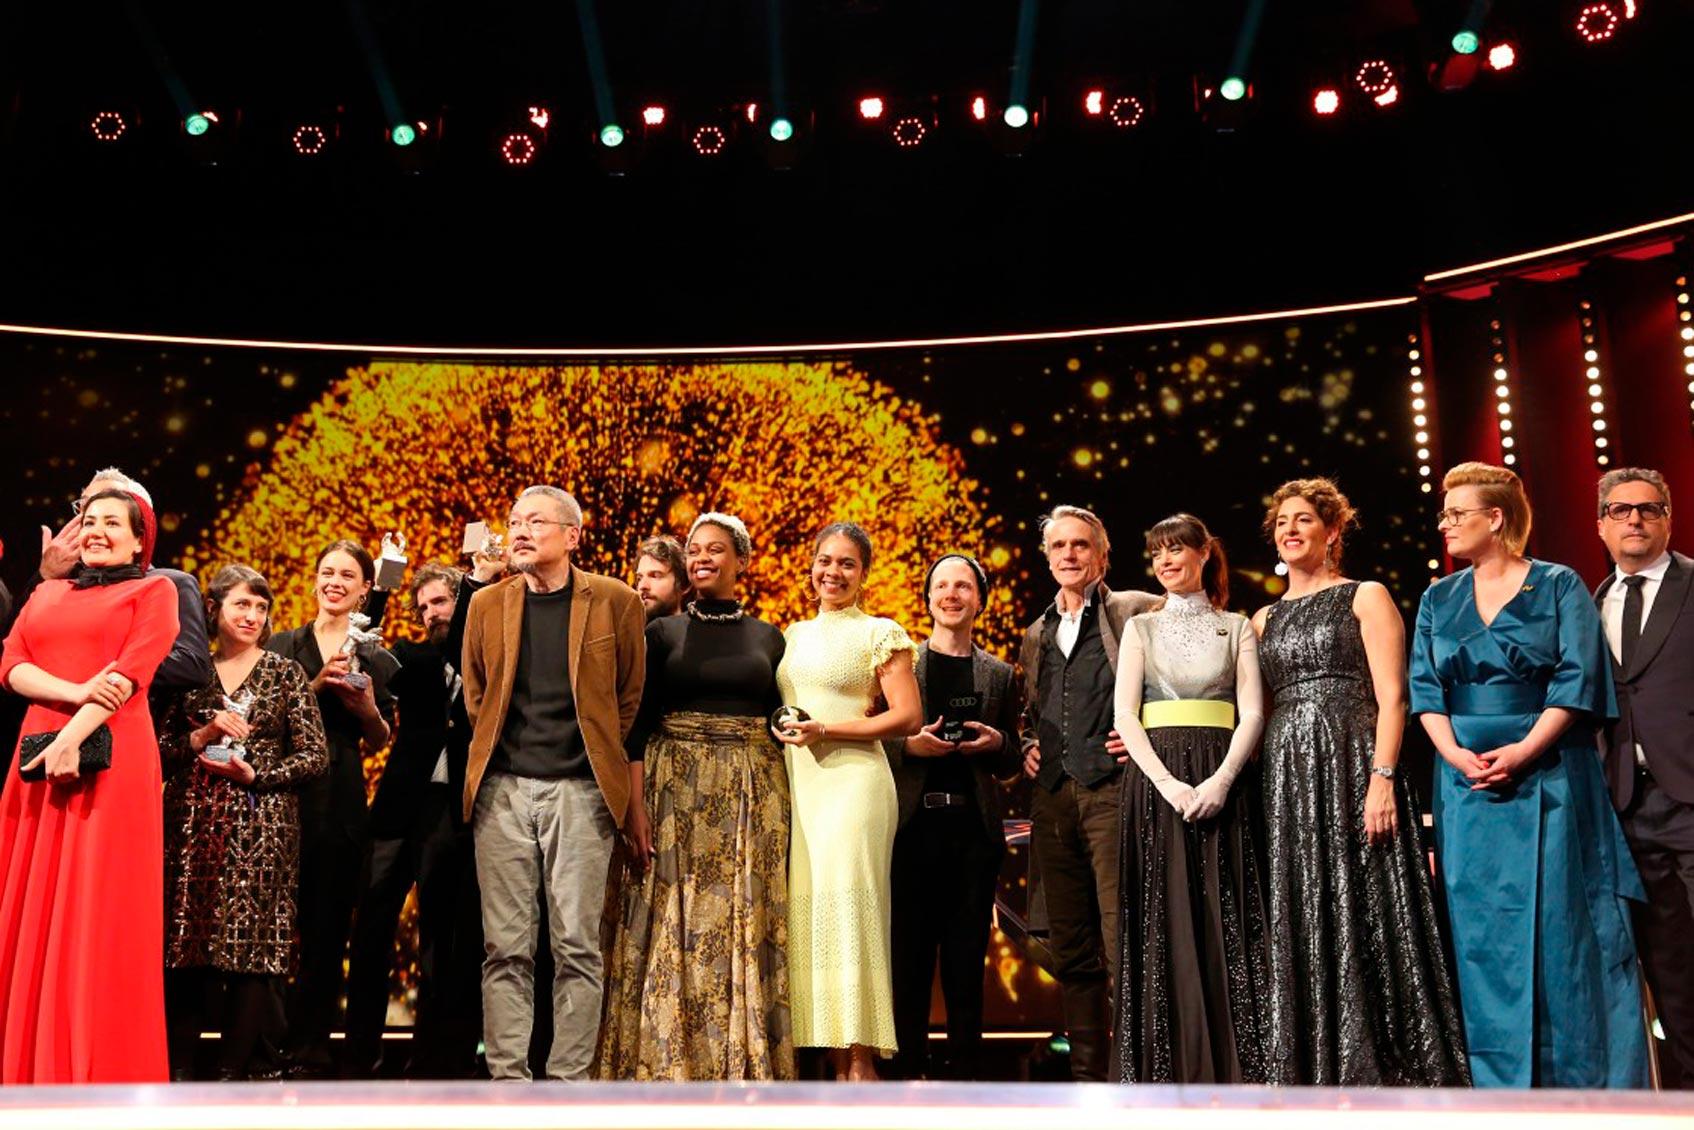 берлинский кинофестиваль отказался от гендерных номинаций